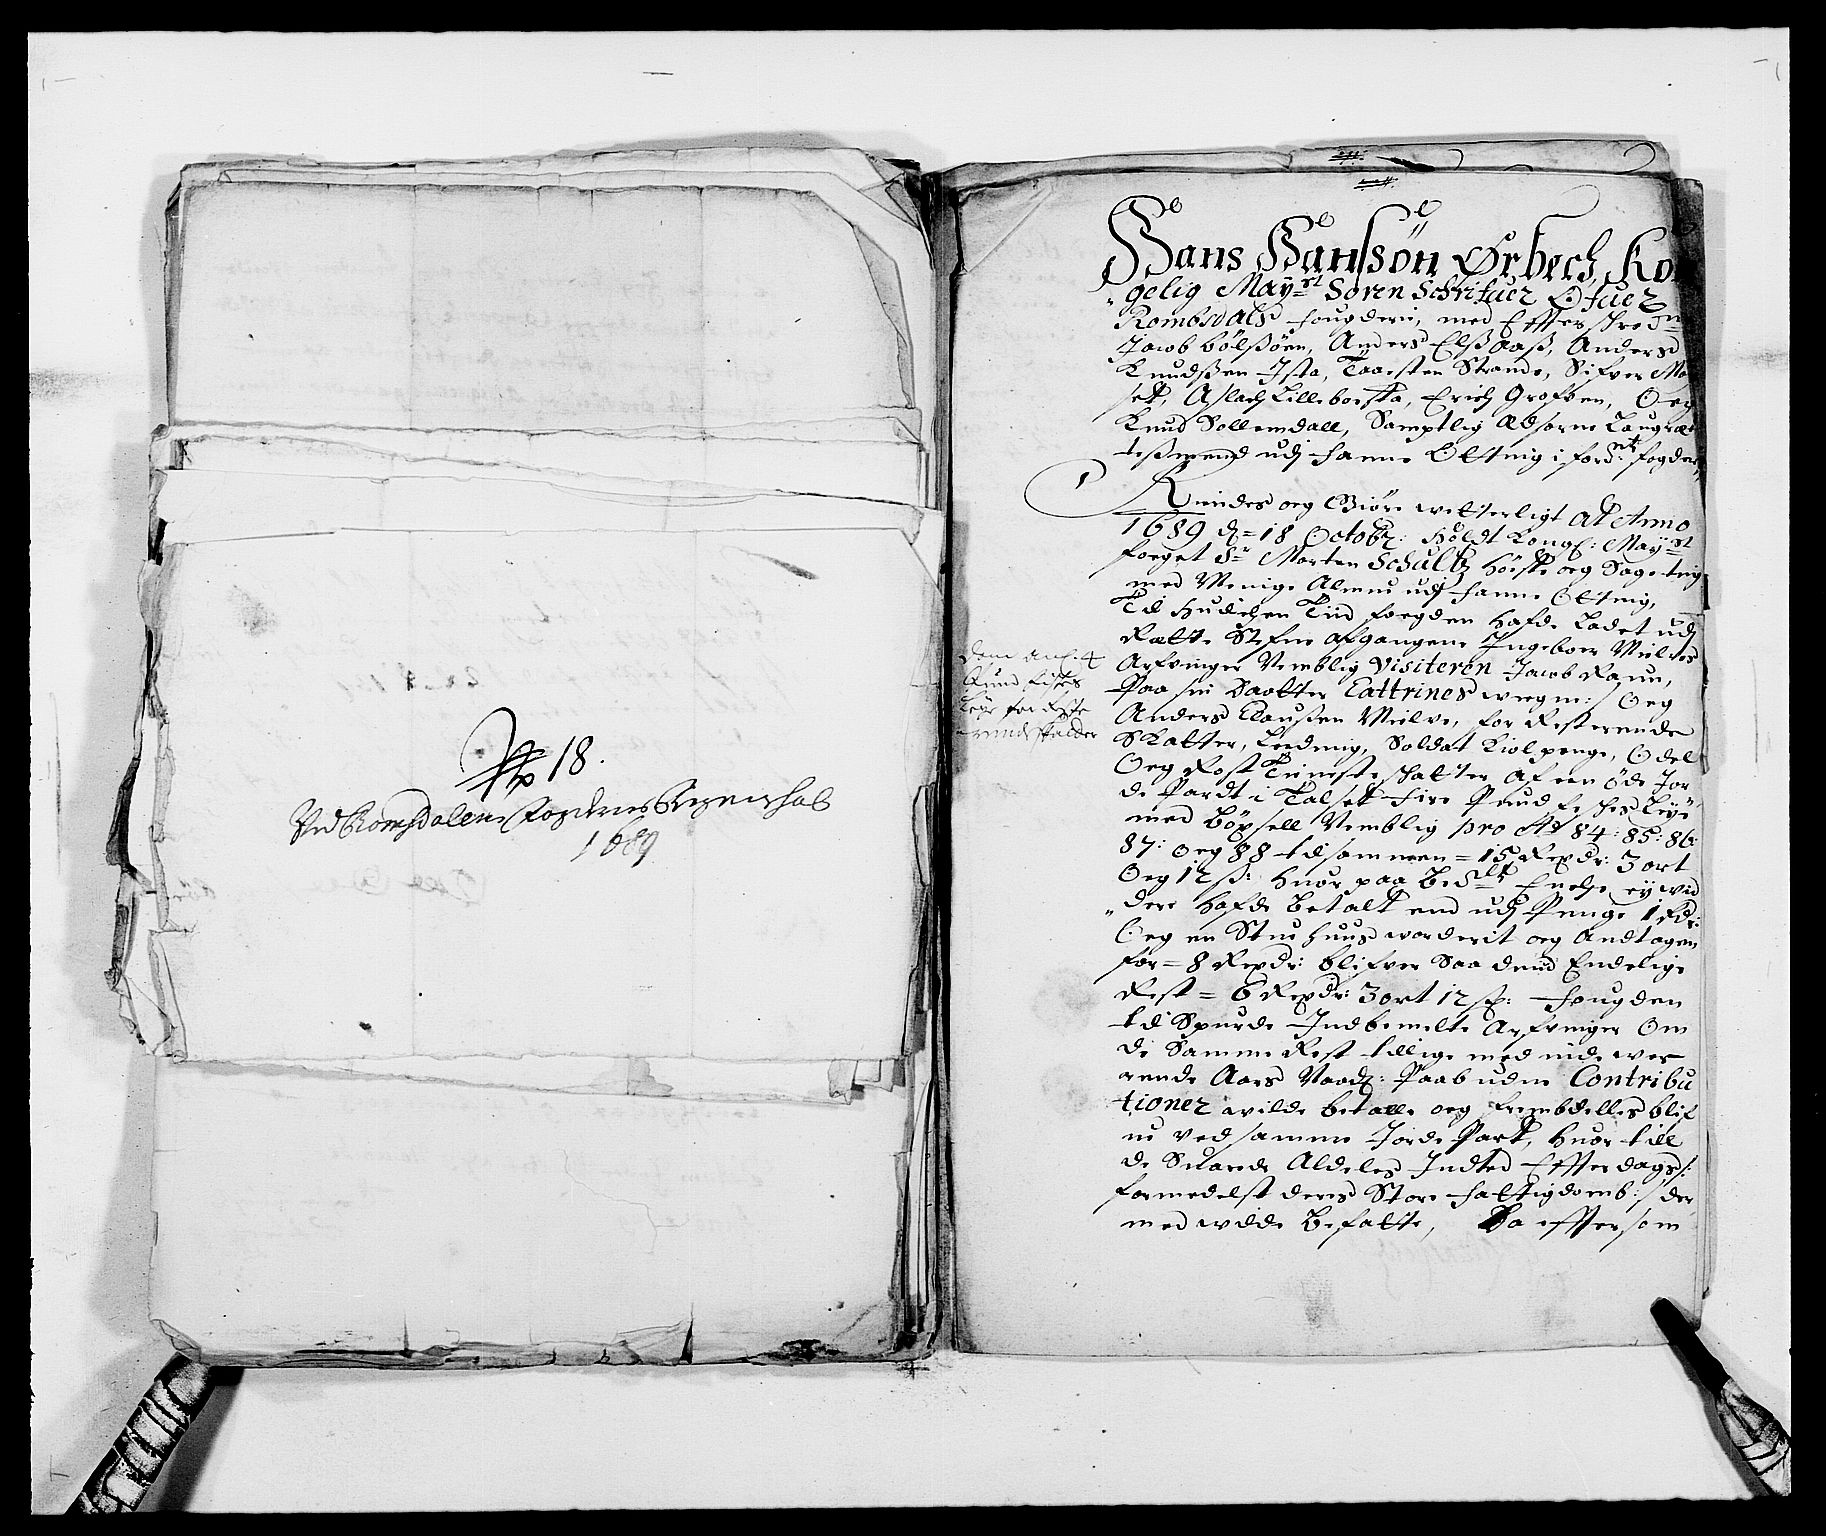 RA, Rentekammeret inntil 1814, Reviderte regnskaper, Fogderegnskap, R55/L3648: Fogderegnskap Romsdal, 1687-1689, s. 421